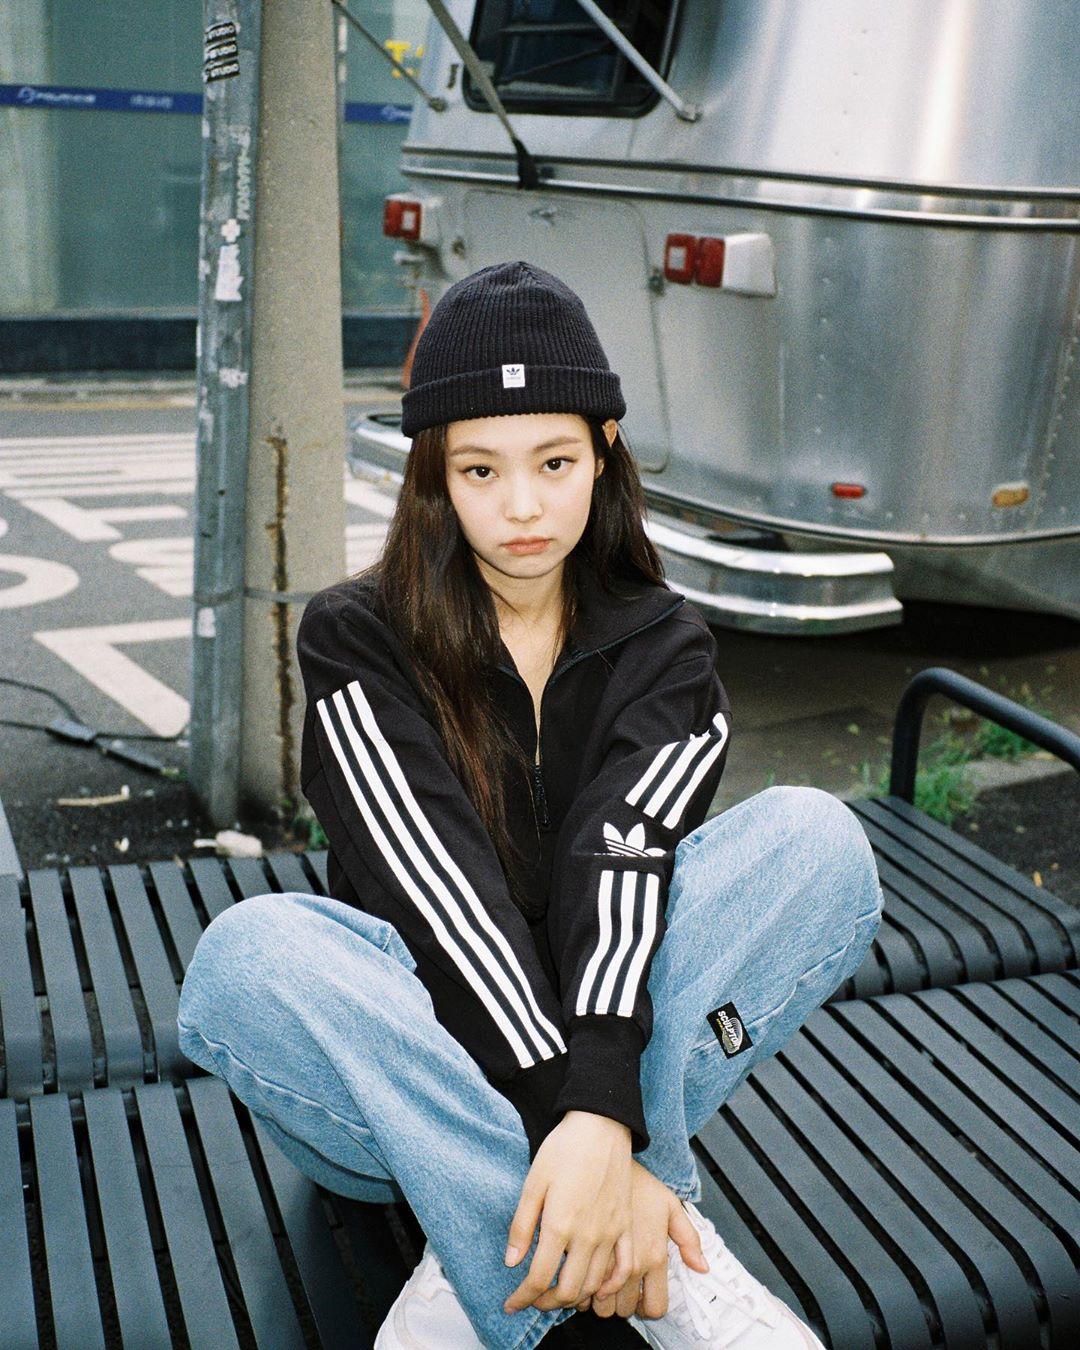 Jennie phối đồ streetwear với áo khoác thể thao, quần jeans và mũ beanie